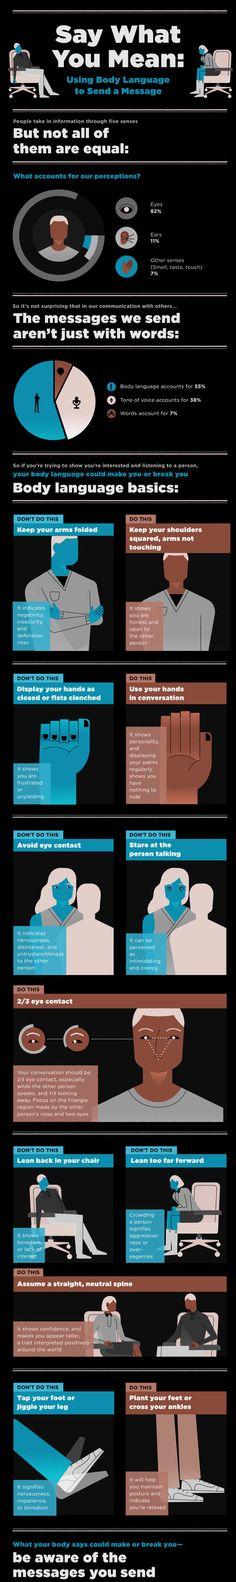 #Infographic #Infografia Say What You Mean,Tu cuerpo dice todo por más que no hables...